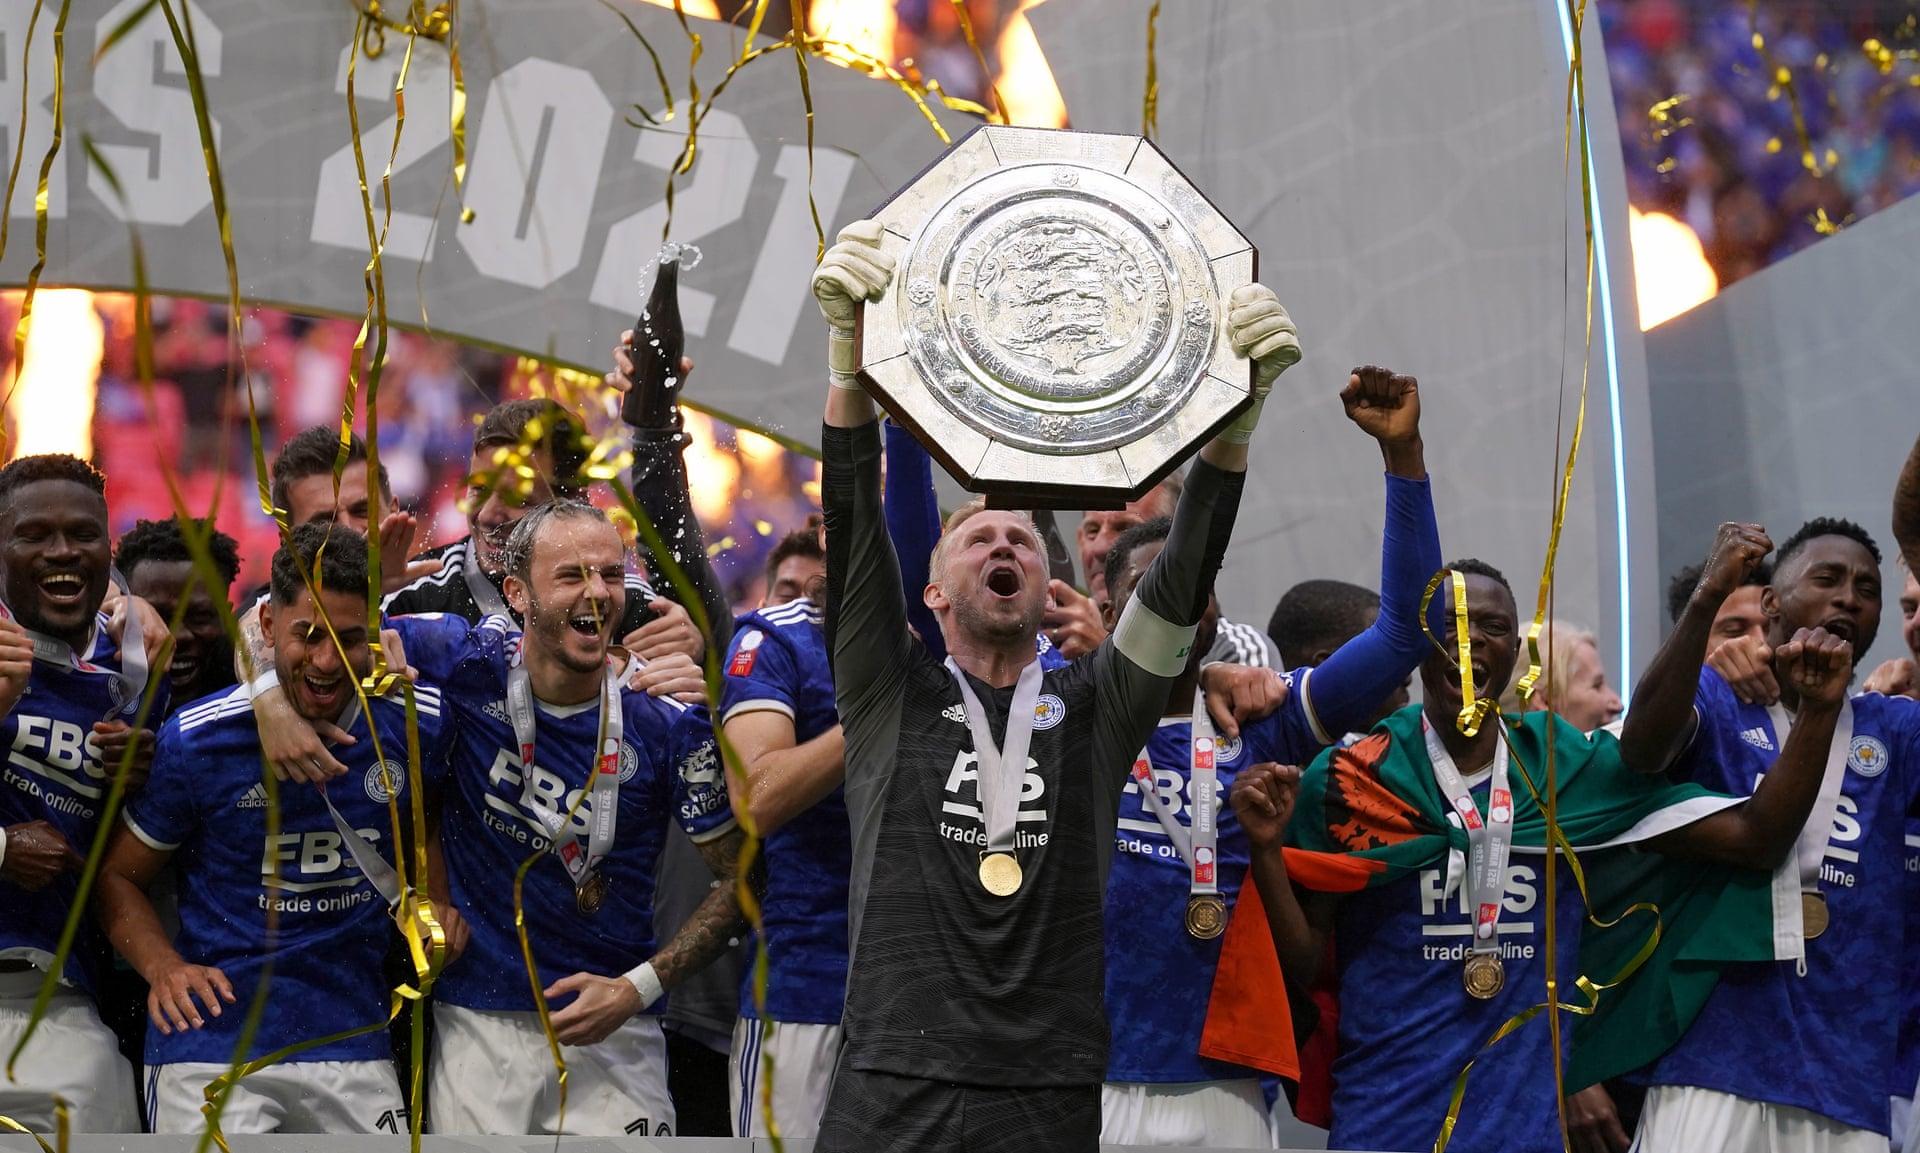 Thủ môn Kasper Schmeichel lần đầu nâng Siêu Cup Anh. Ảnh: PA